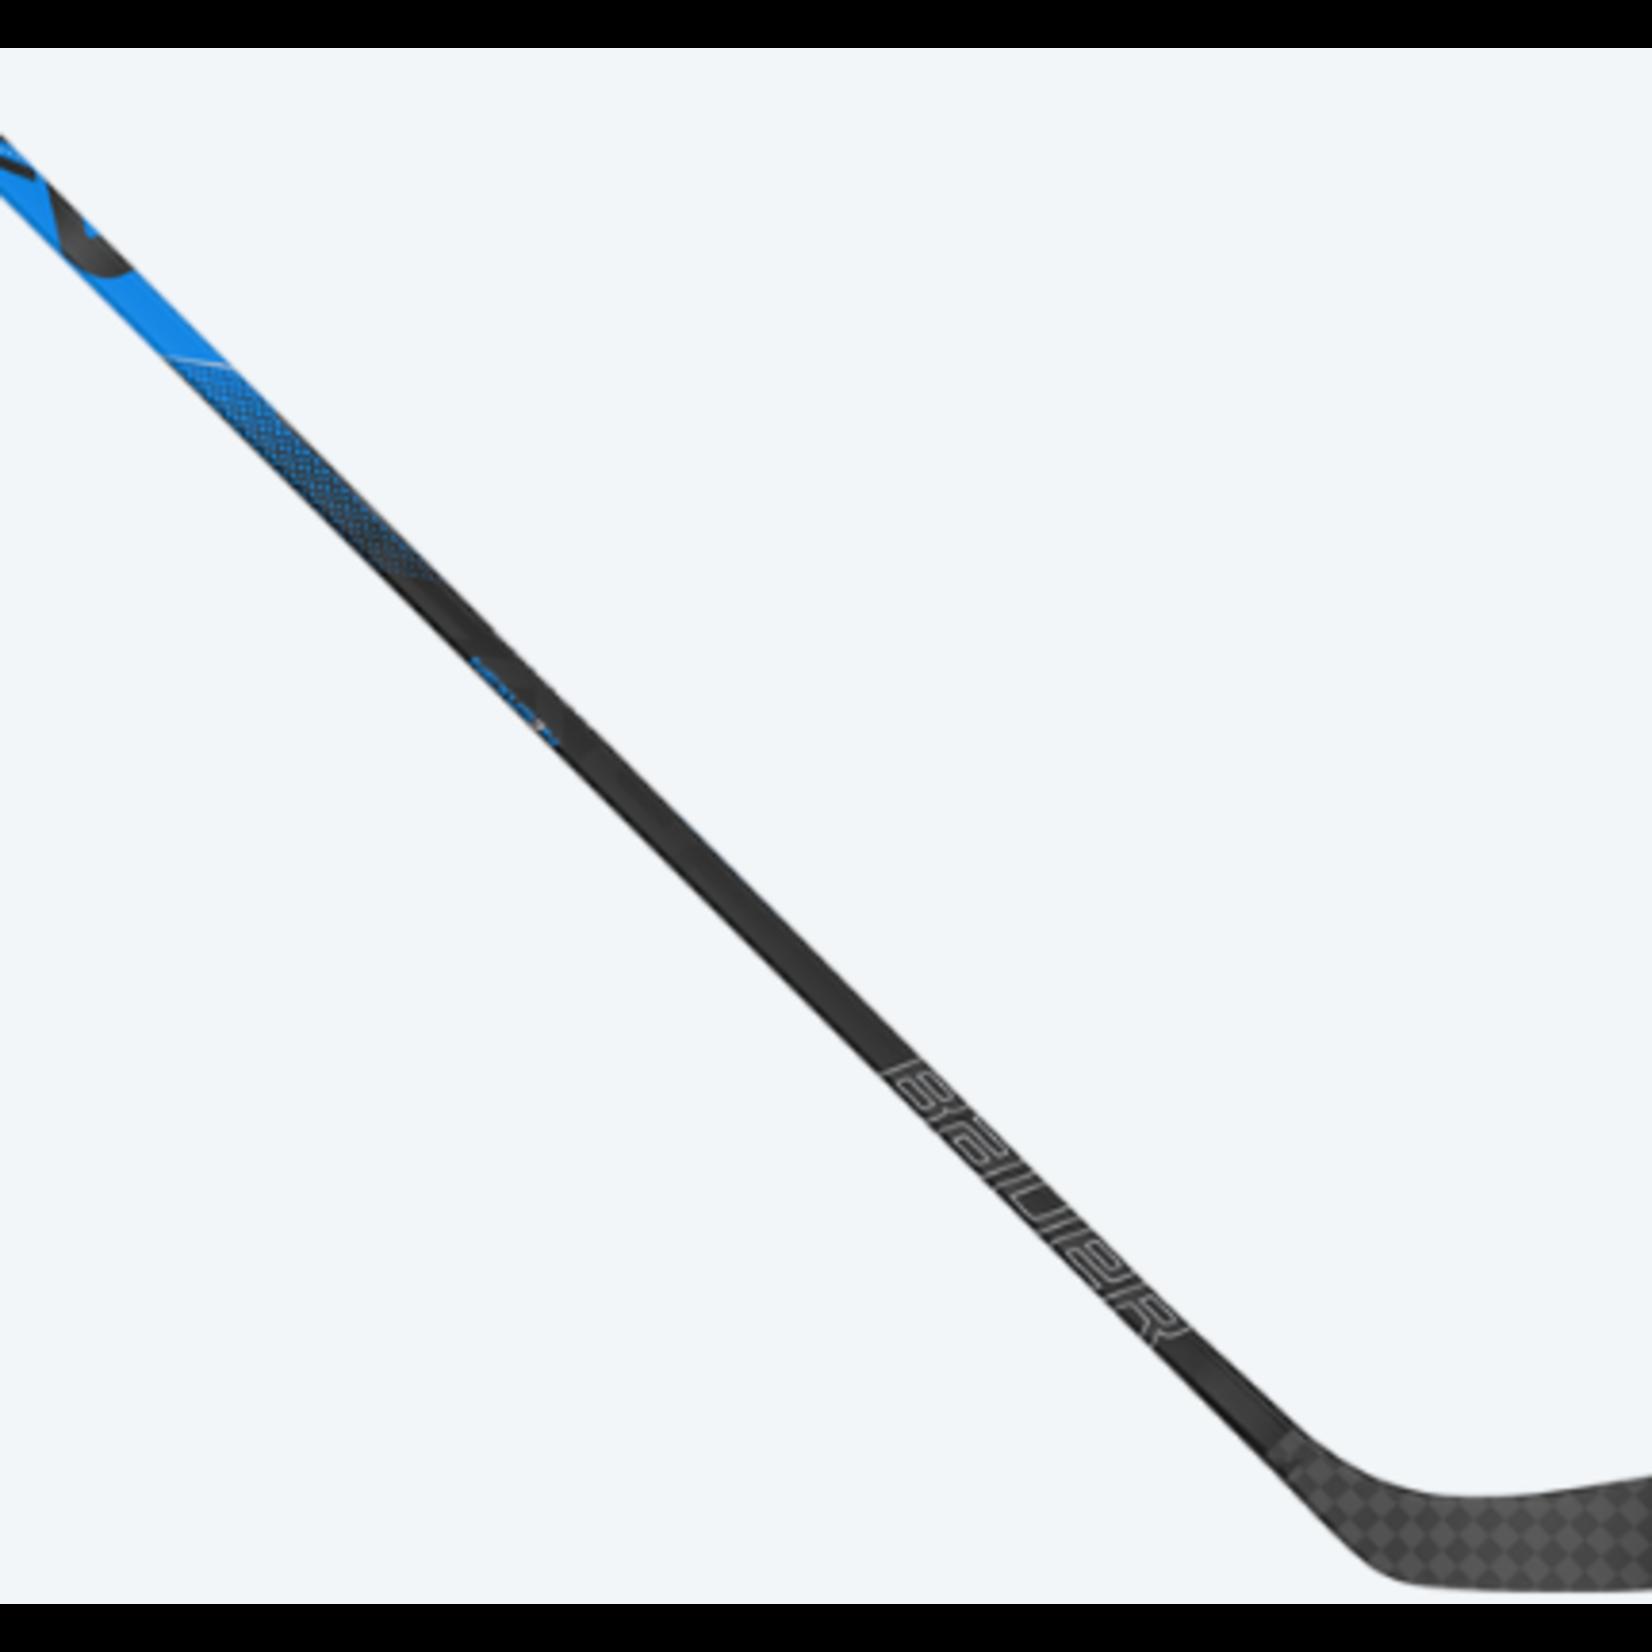 Bauer S21 Nexus 3N Grip Stick Int - 55